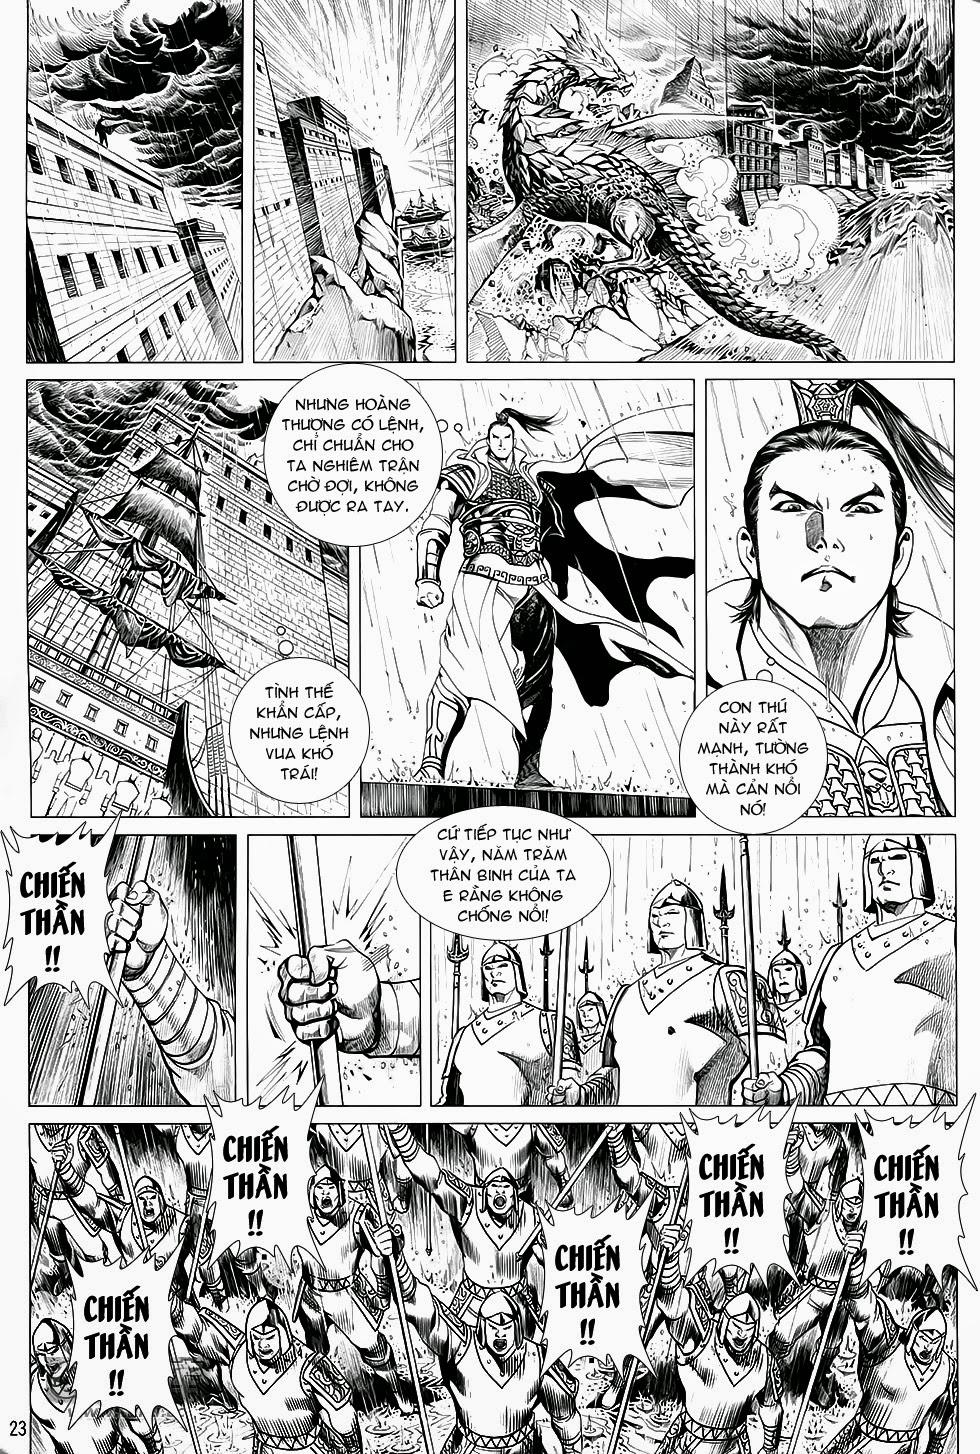 Chiến Phổ chapter 1: chiến thần lan lăng vương trang 24